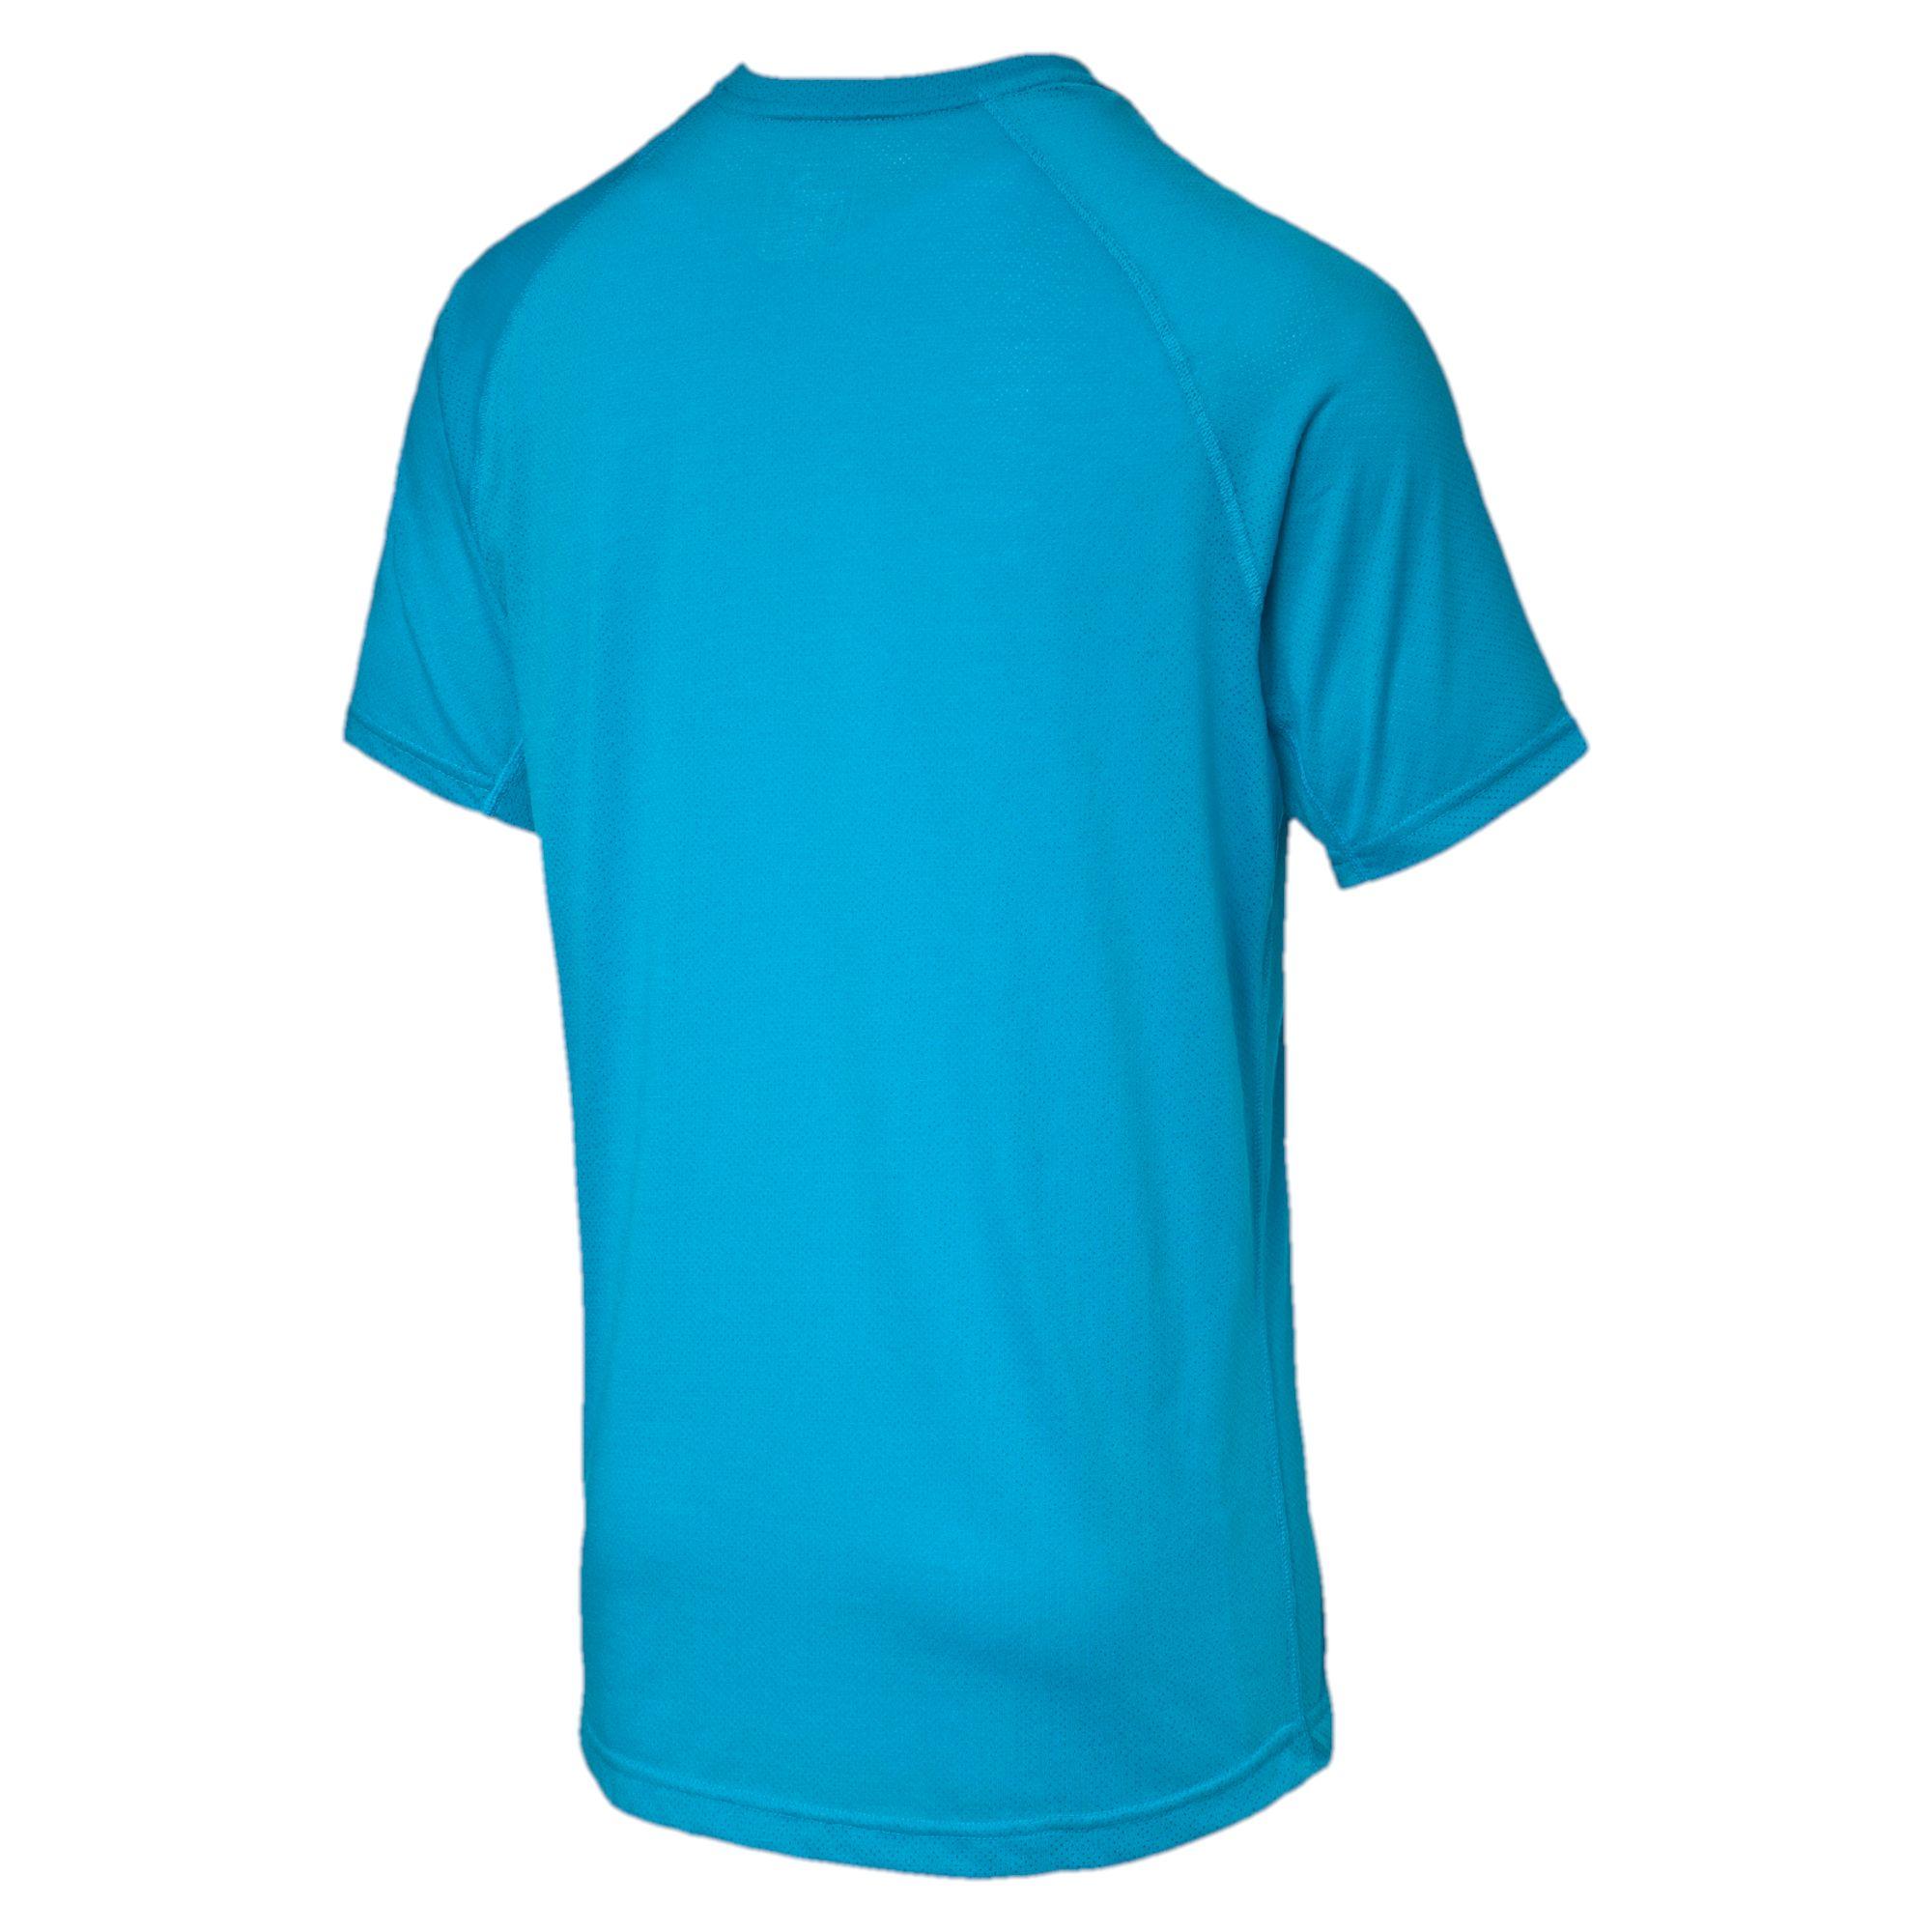 Puma PUMA Heather Cat Training T-Shirt Herren Fitnessshirt Sportshirt 518382